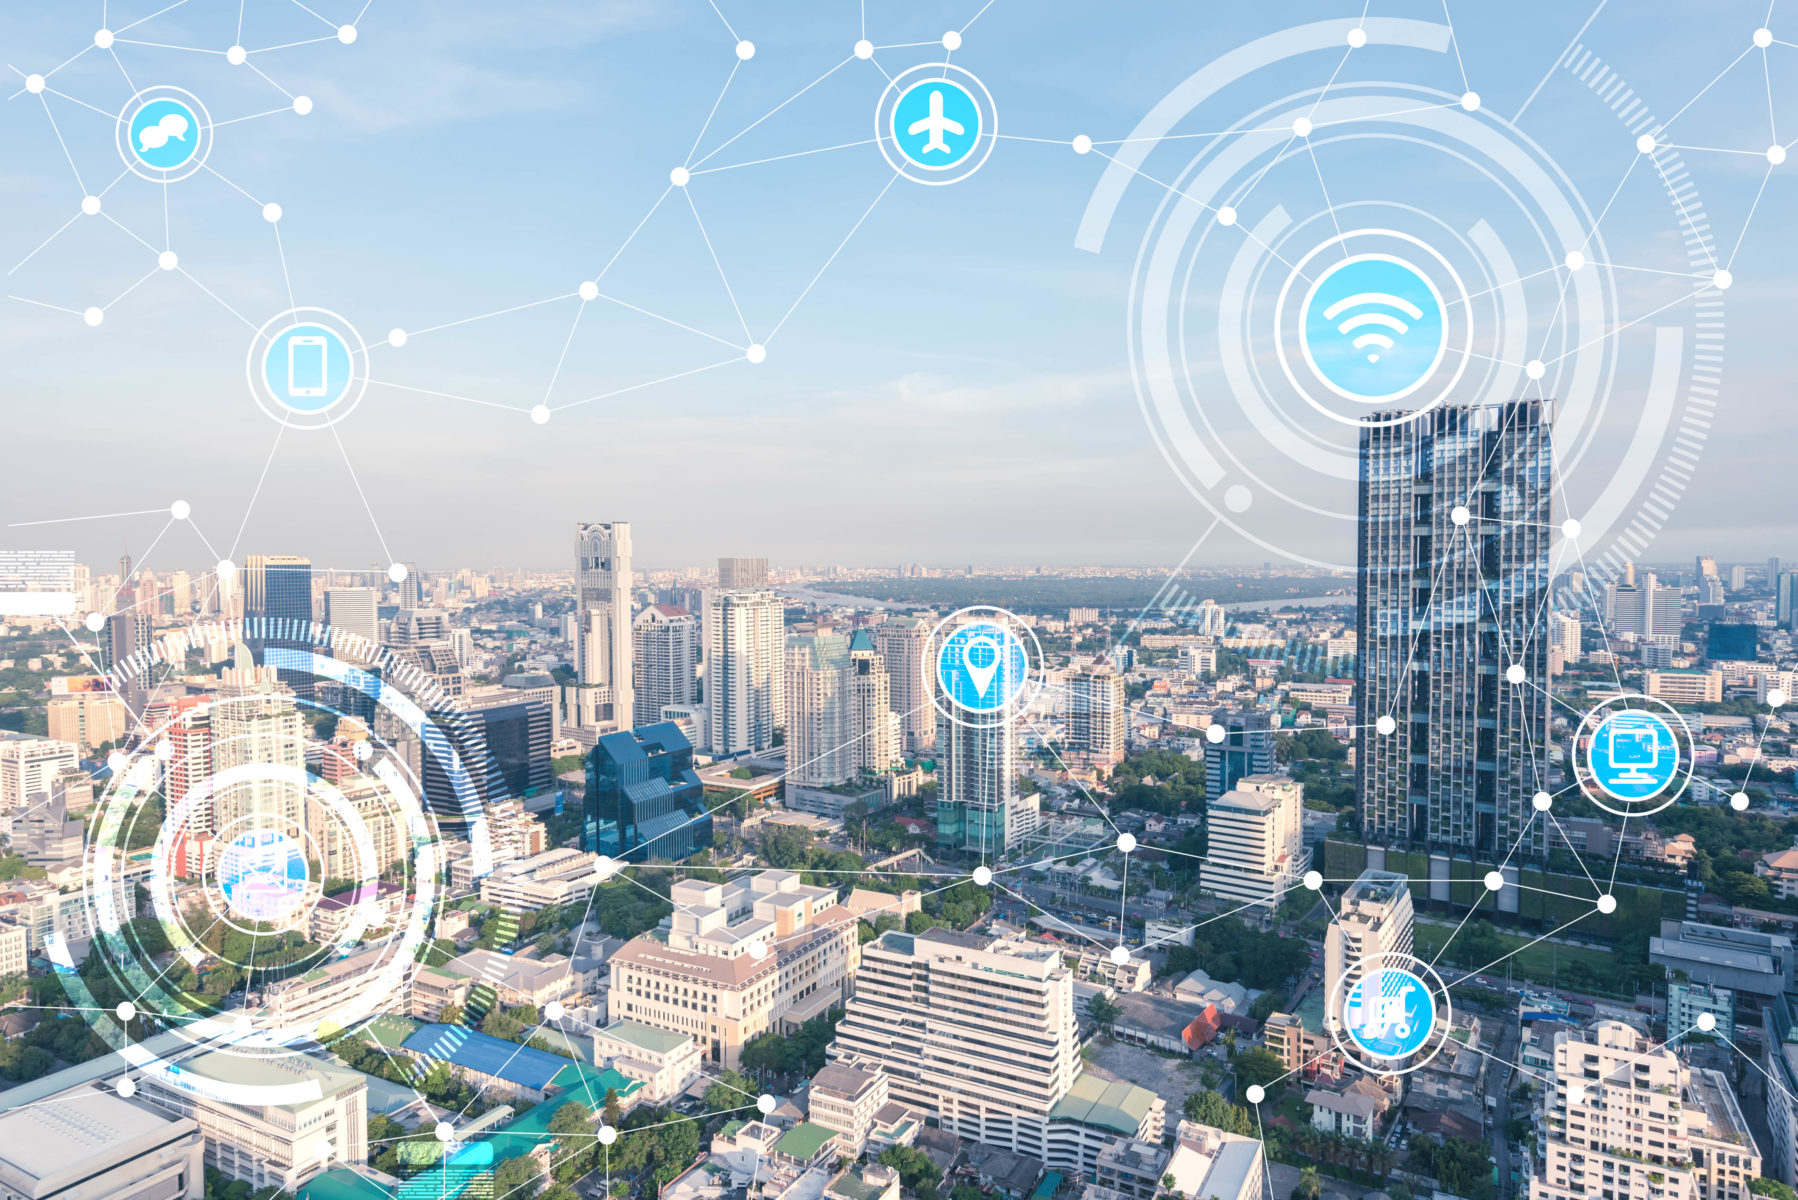 IT-Infrastruktur, IT-Sicherheit, Virtualisierungslösungen, Backup, Archivierung, Infrastruktur, Konzept und Aufbau, leistungsstarke Lösungen, IT-Service-Pakete